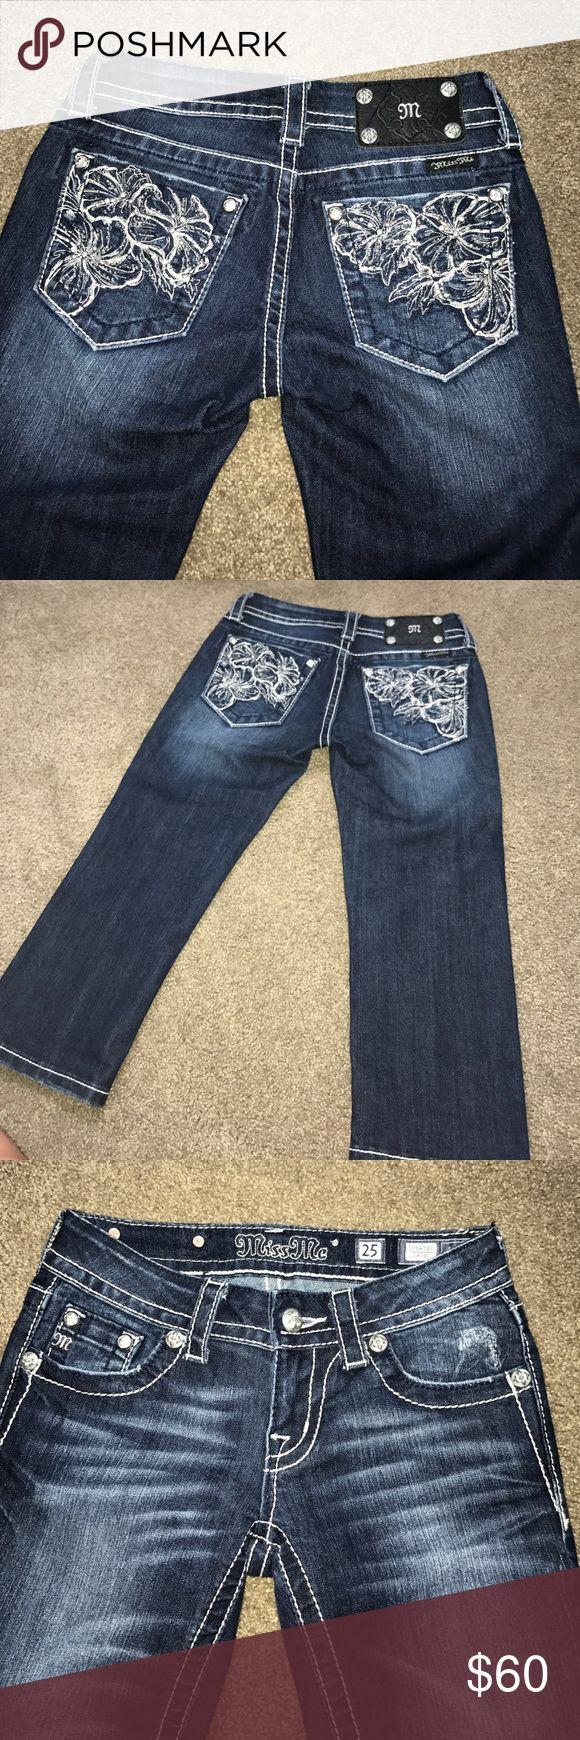 NWOT Miss Me capris Beautiful stitching & jewels! Size 25. Miss me brand Miss Me Jeans